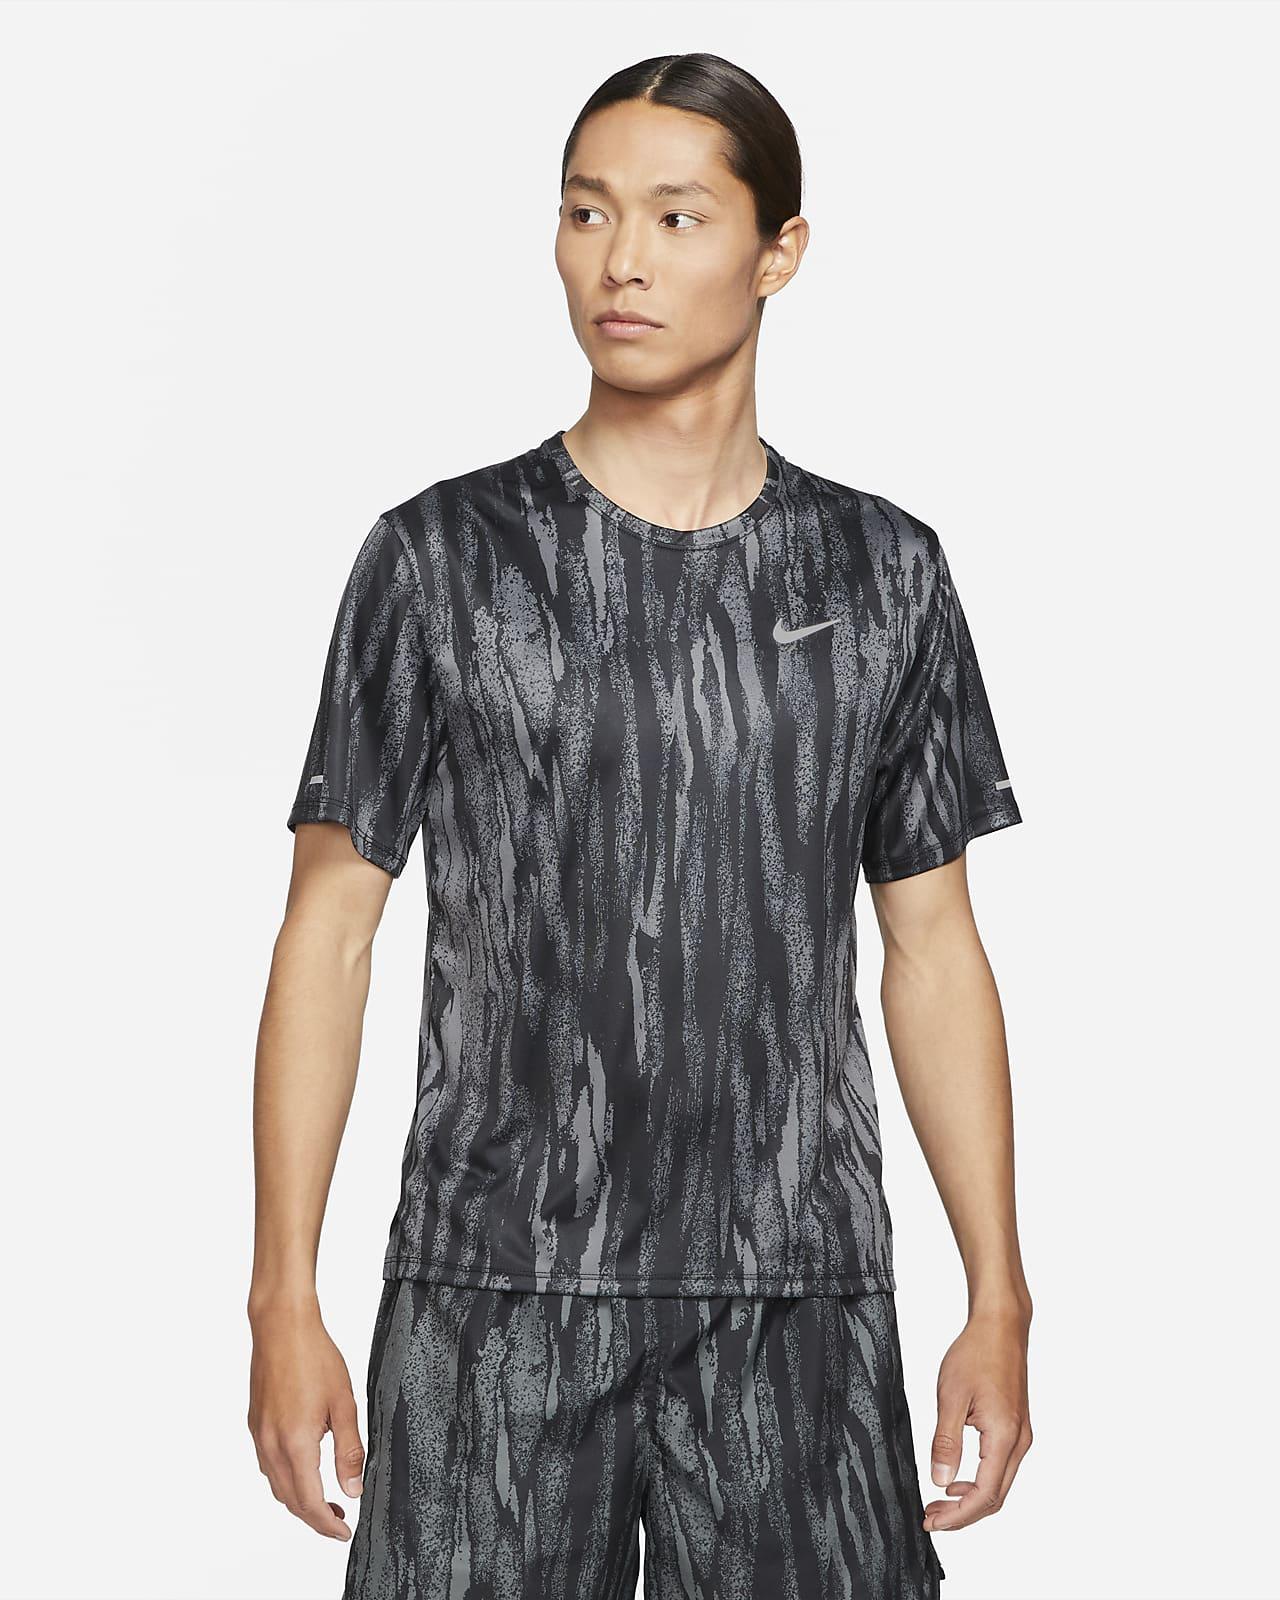 เสื้อวิ่งแขนสั้นผู้ชาย Nike Dri-FIT Miler Wild Run